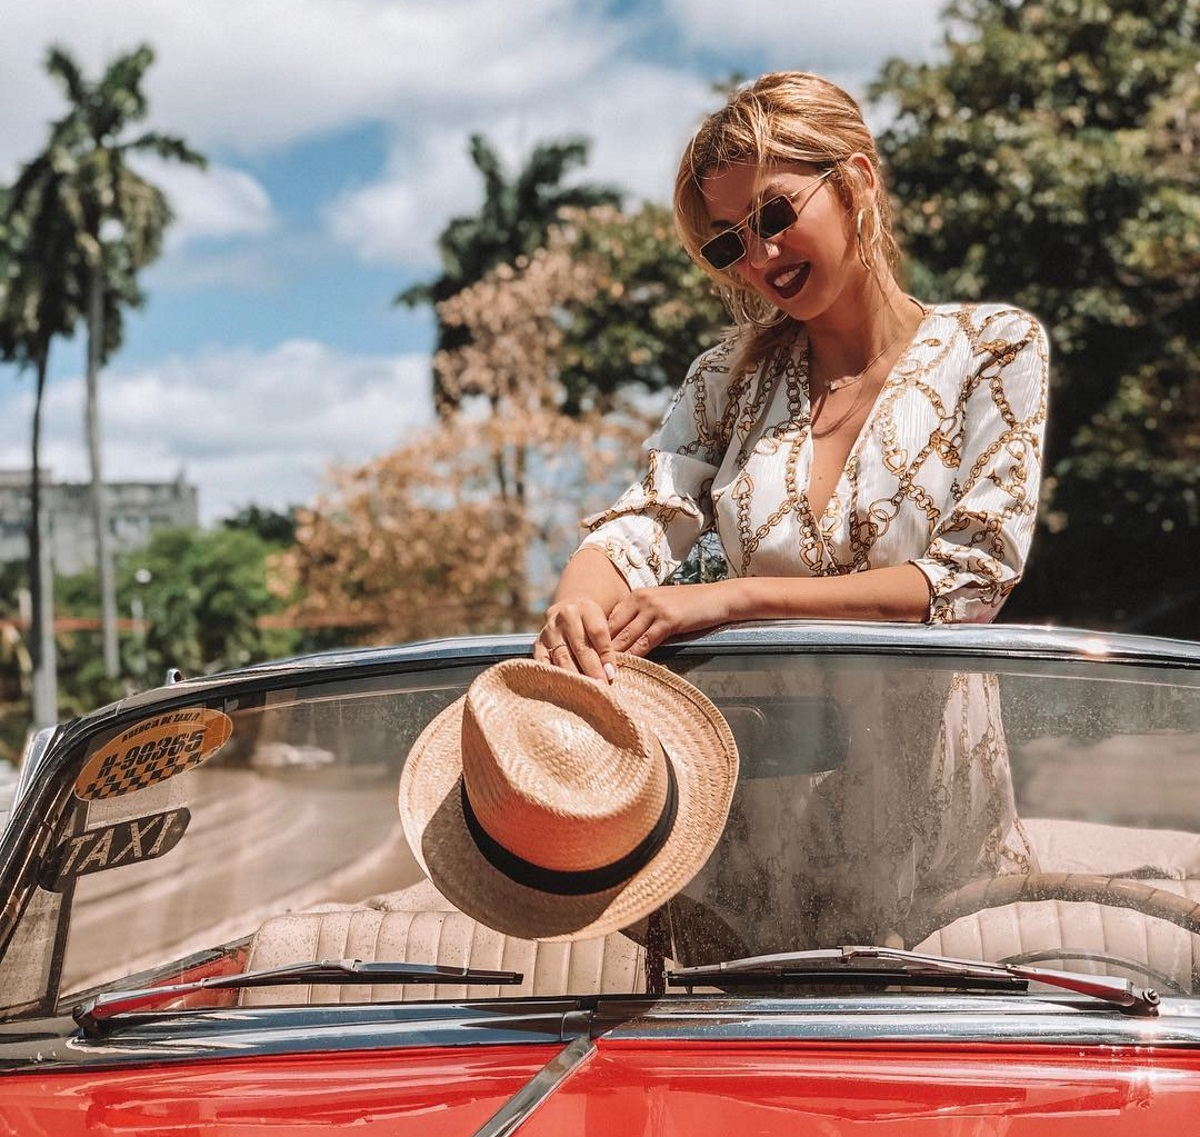 Κωνσταντίνα Σπυροπούλου: Απόδραση στην Κούβα! Οι ξέγνοιαστες στιγμές της παρουσιάστριας στην Αβάνα [pics,video]